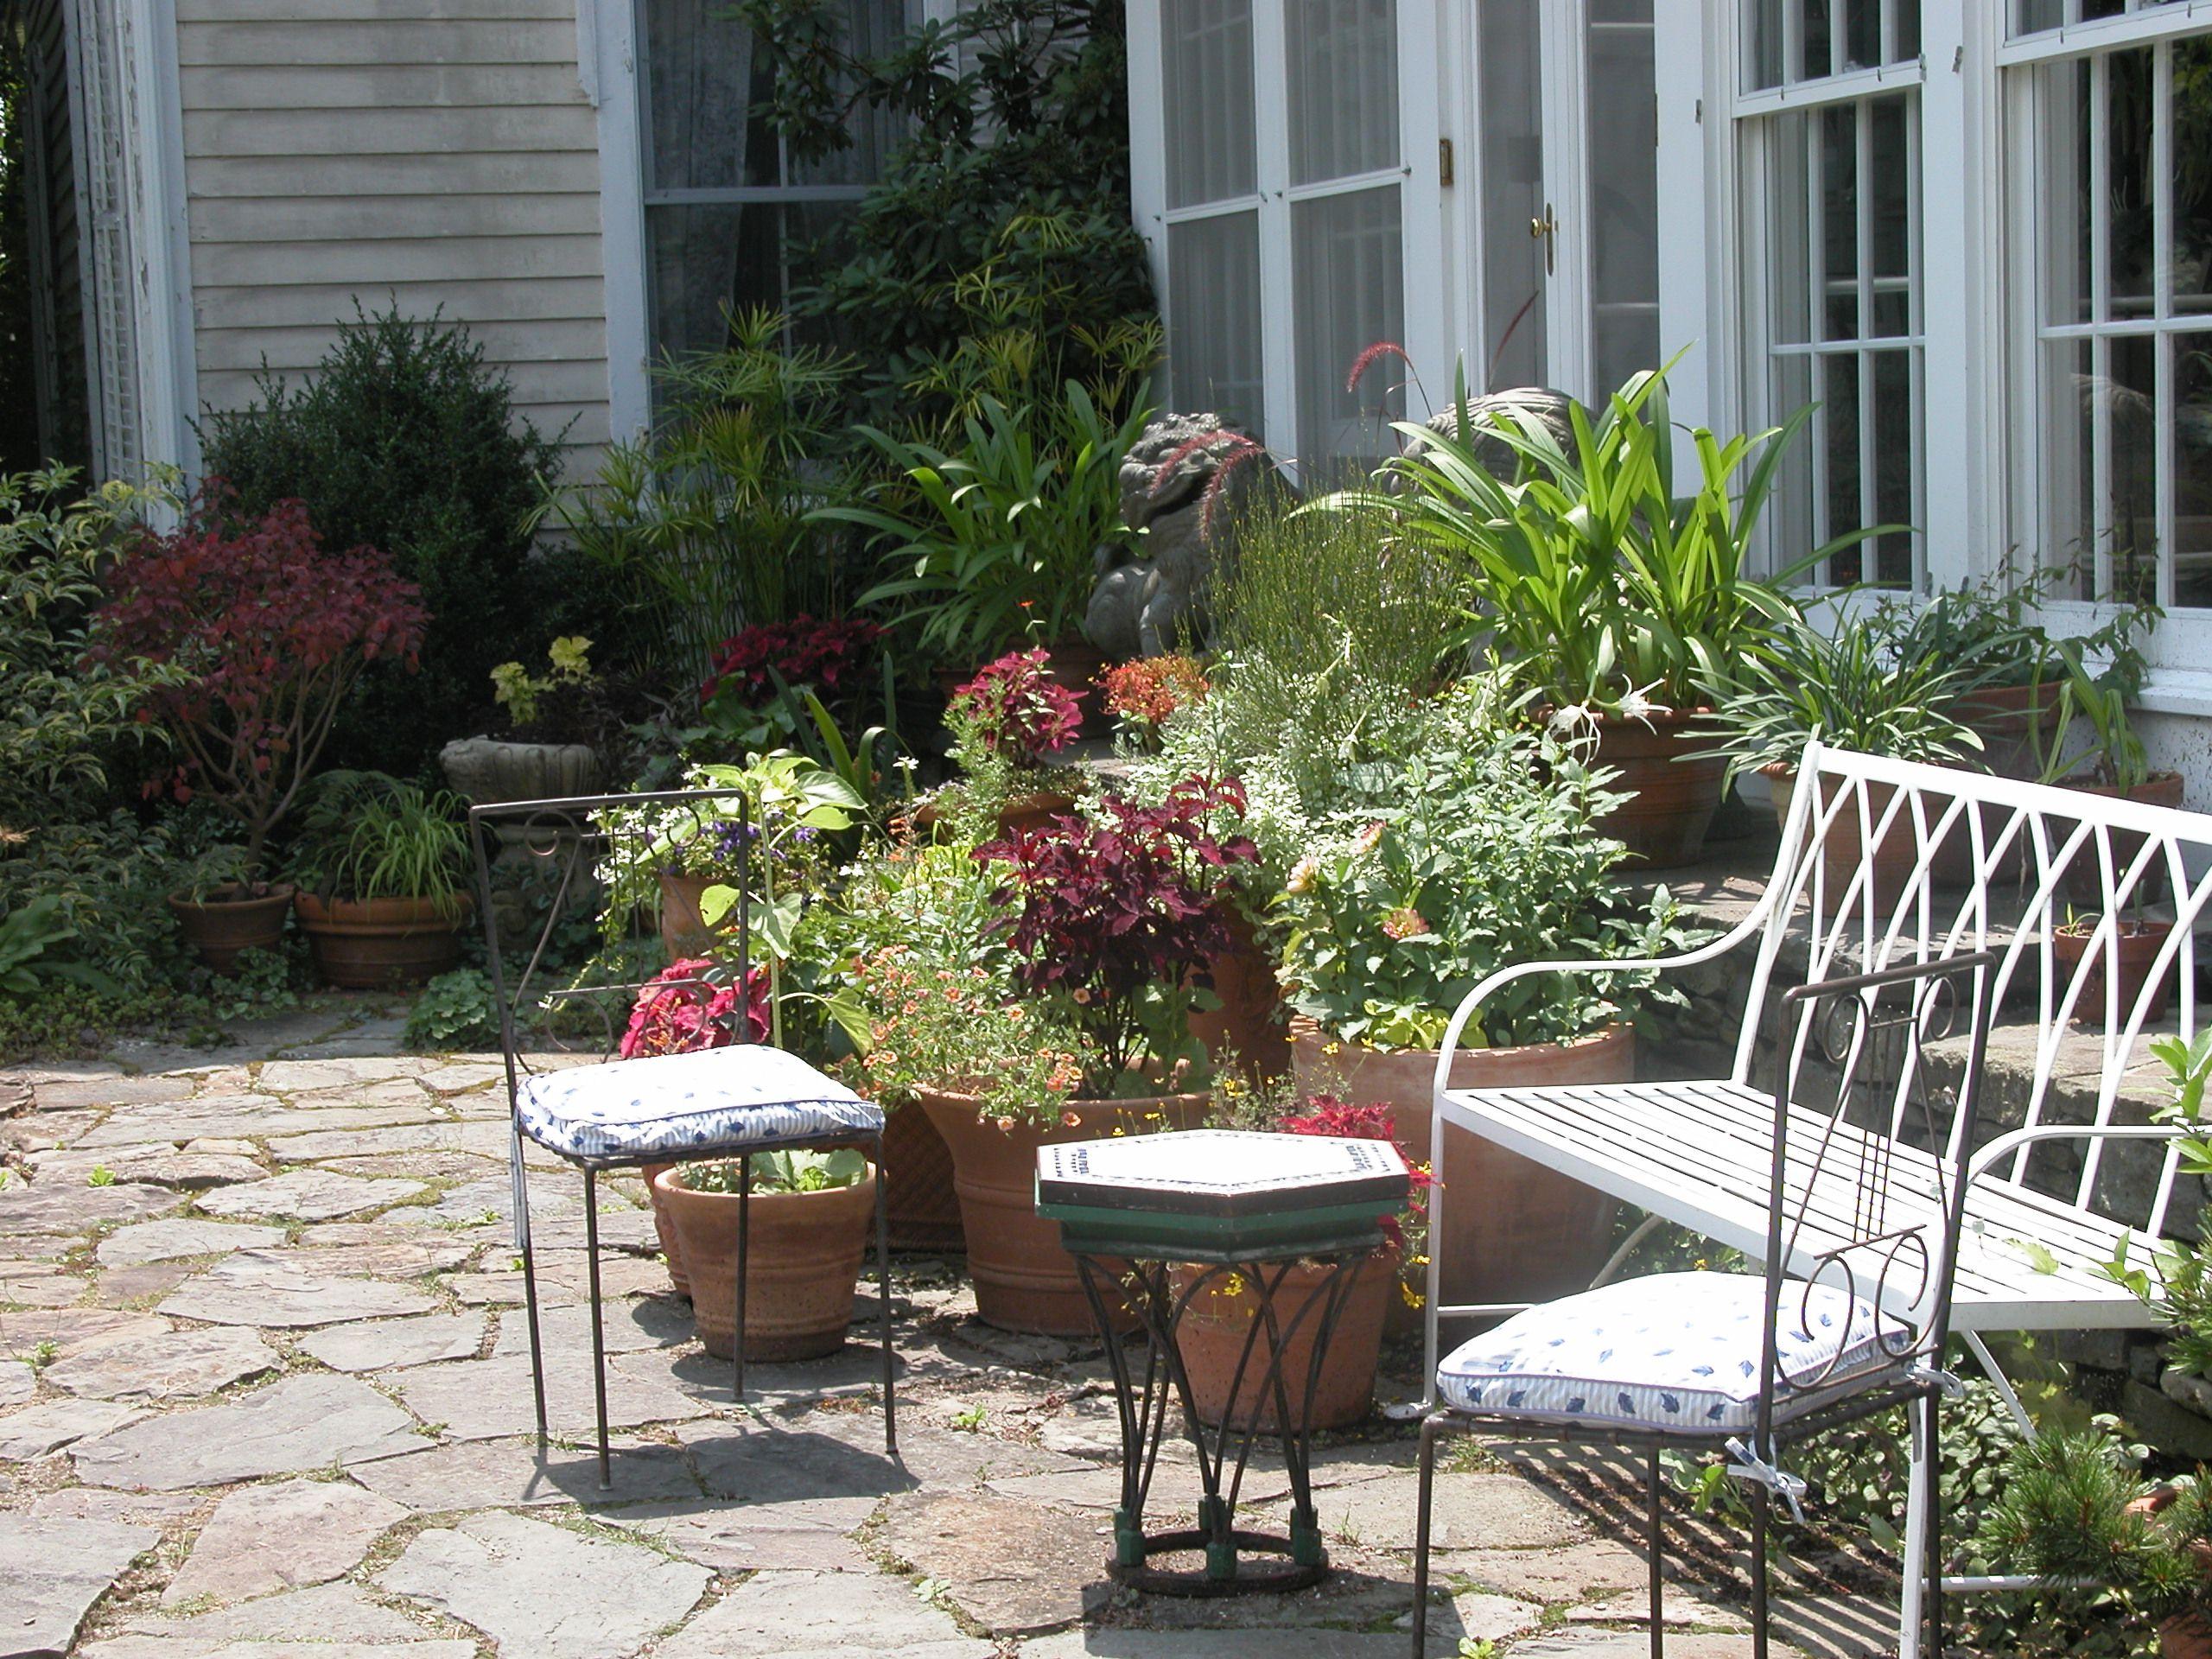 Asientos de jardín en el patio